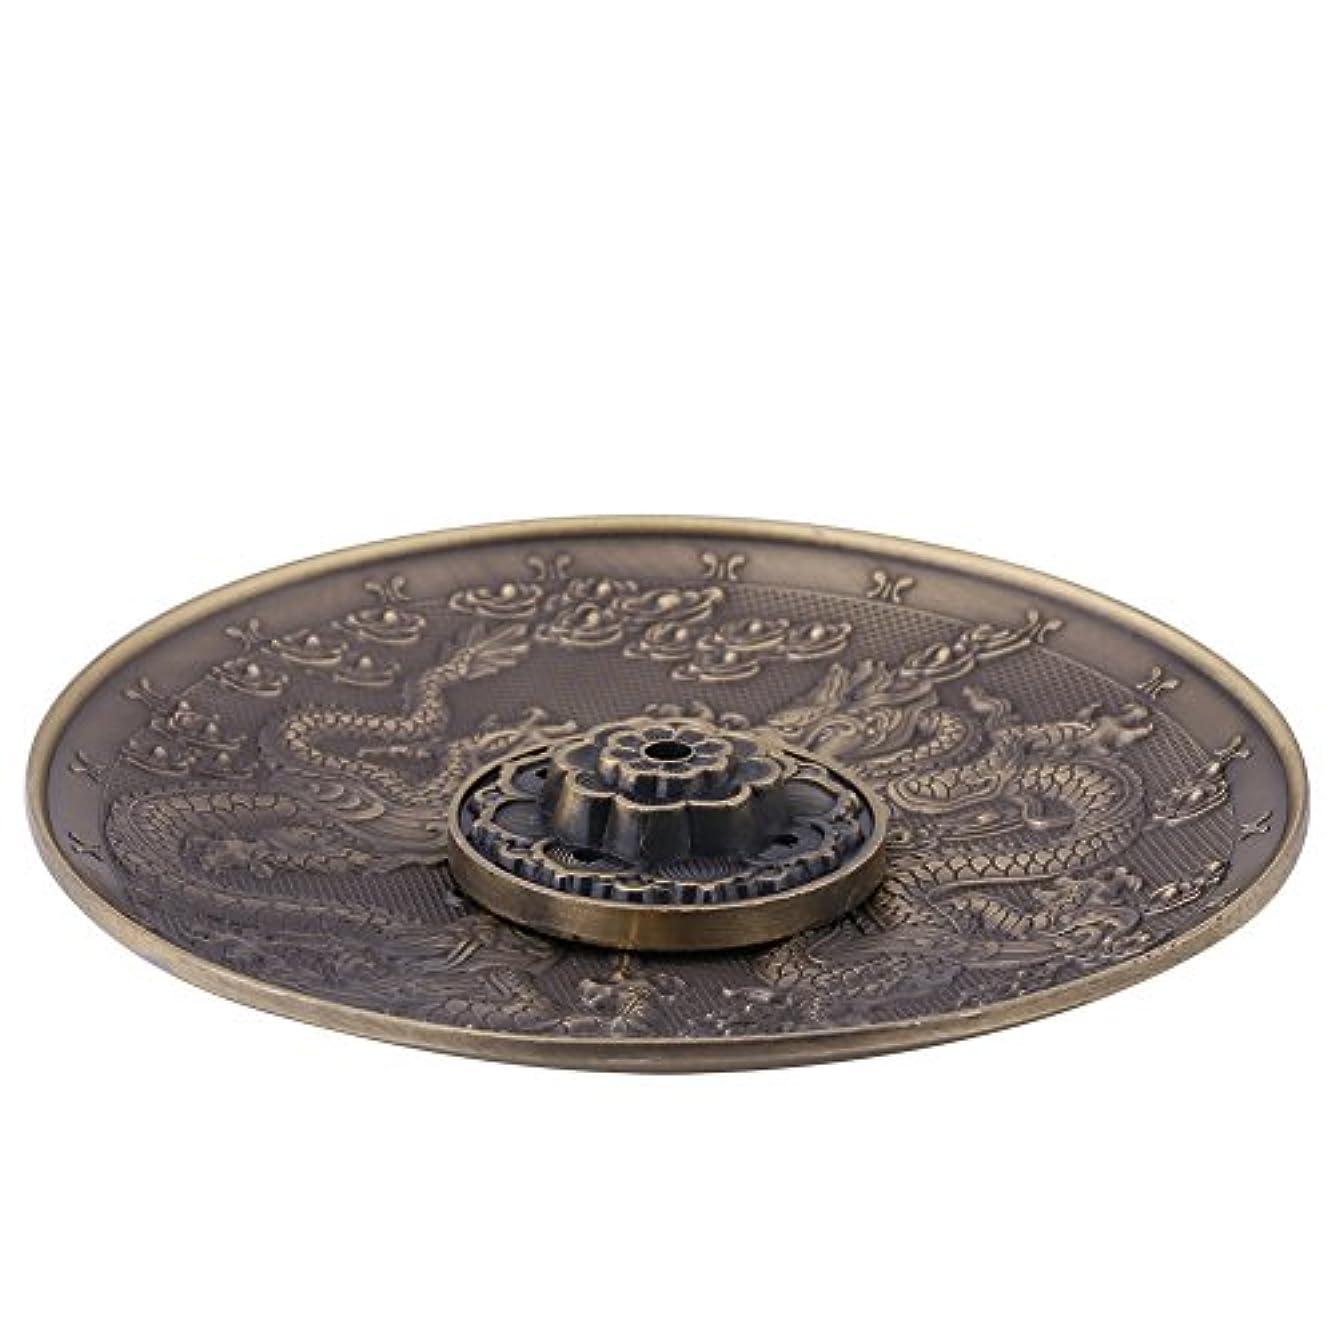 頻繁に衝突する役に立たない香皿 亜鉛の香り バーナーホルダー寝室の神殿のオフィスのためのドラゴンパターンの香炉プレート(ブロンズ)